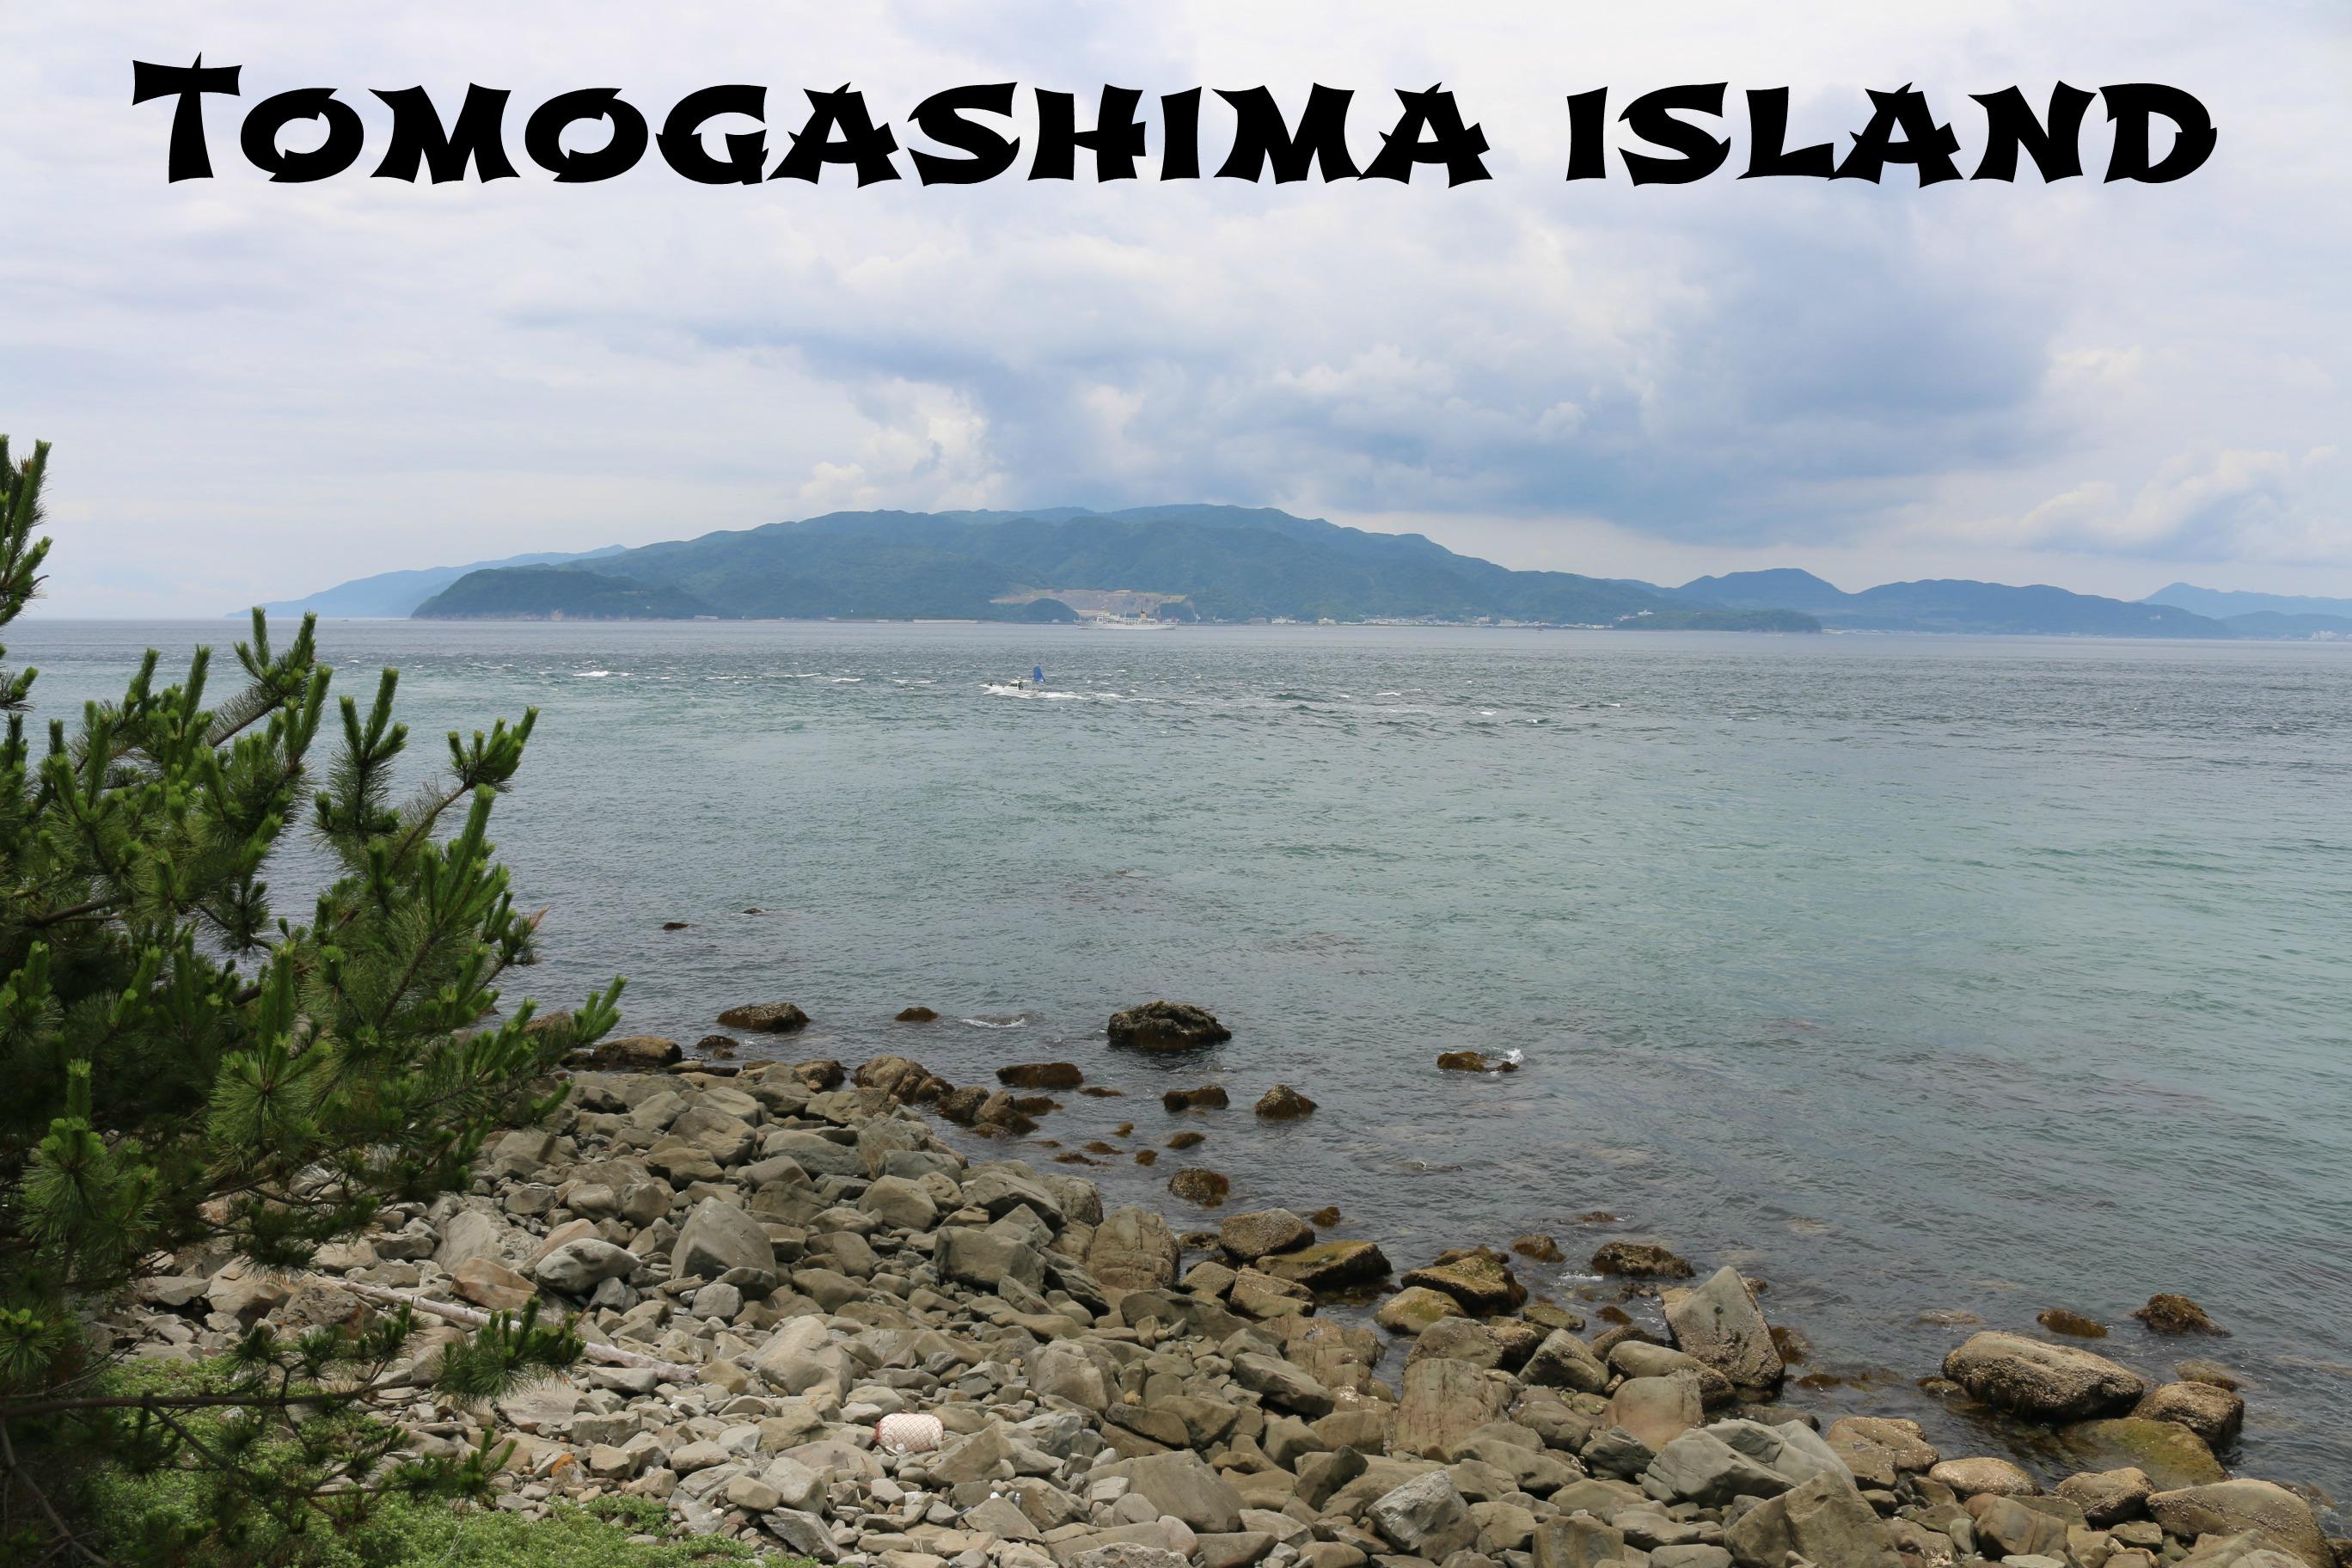 TomogashimaIsland